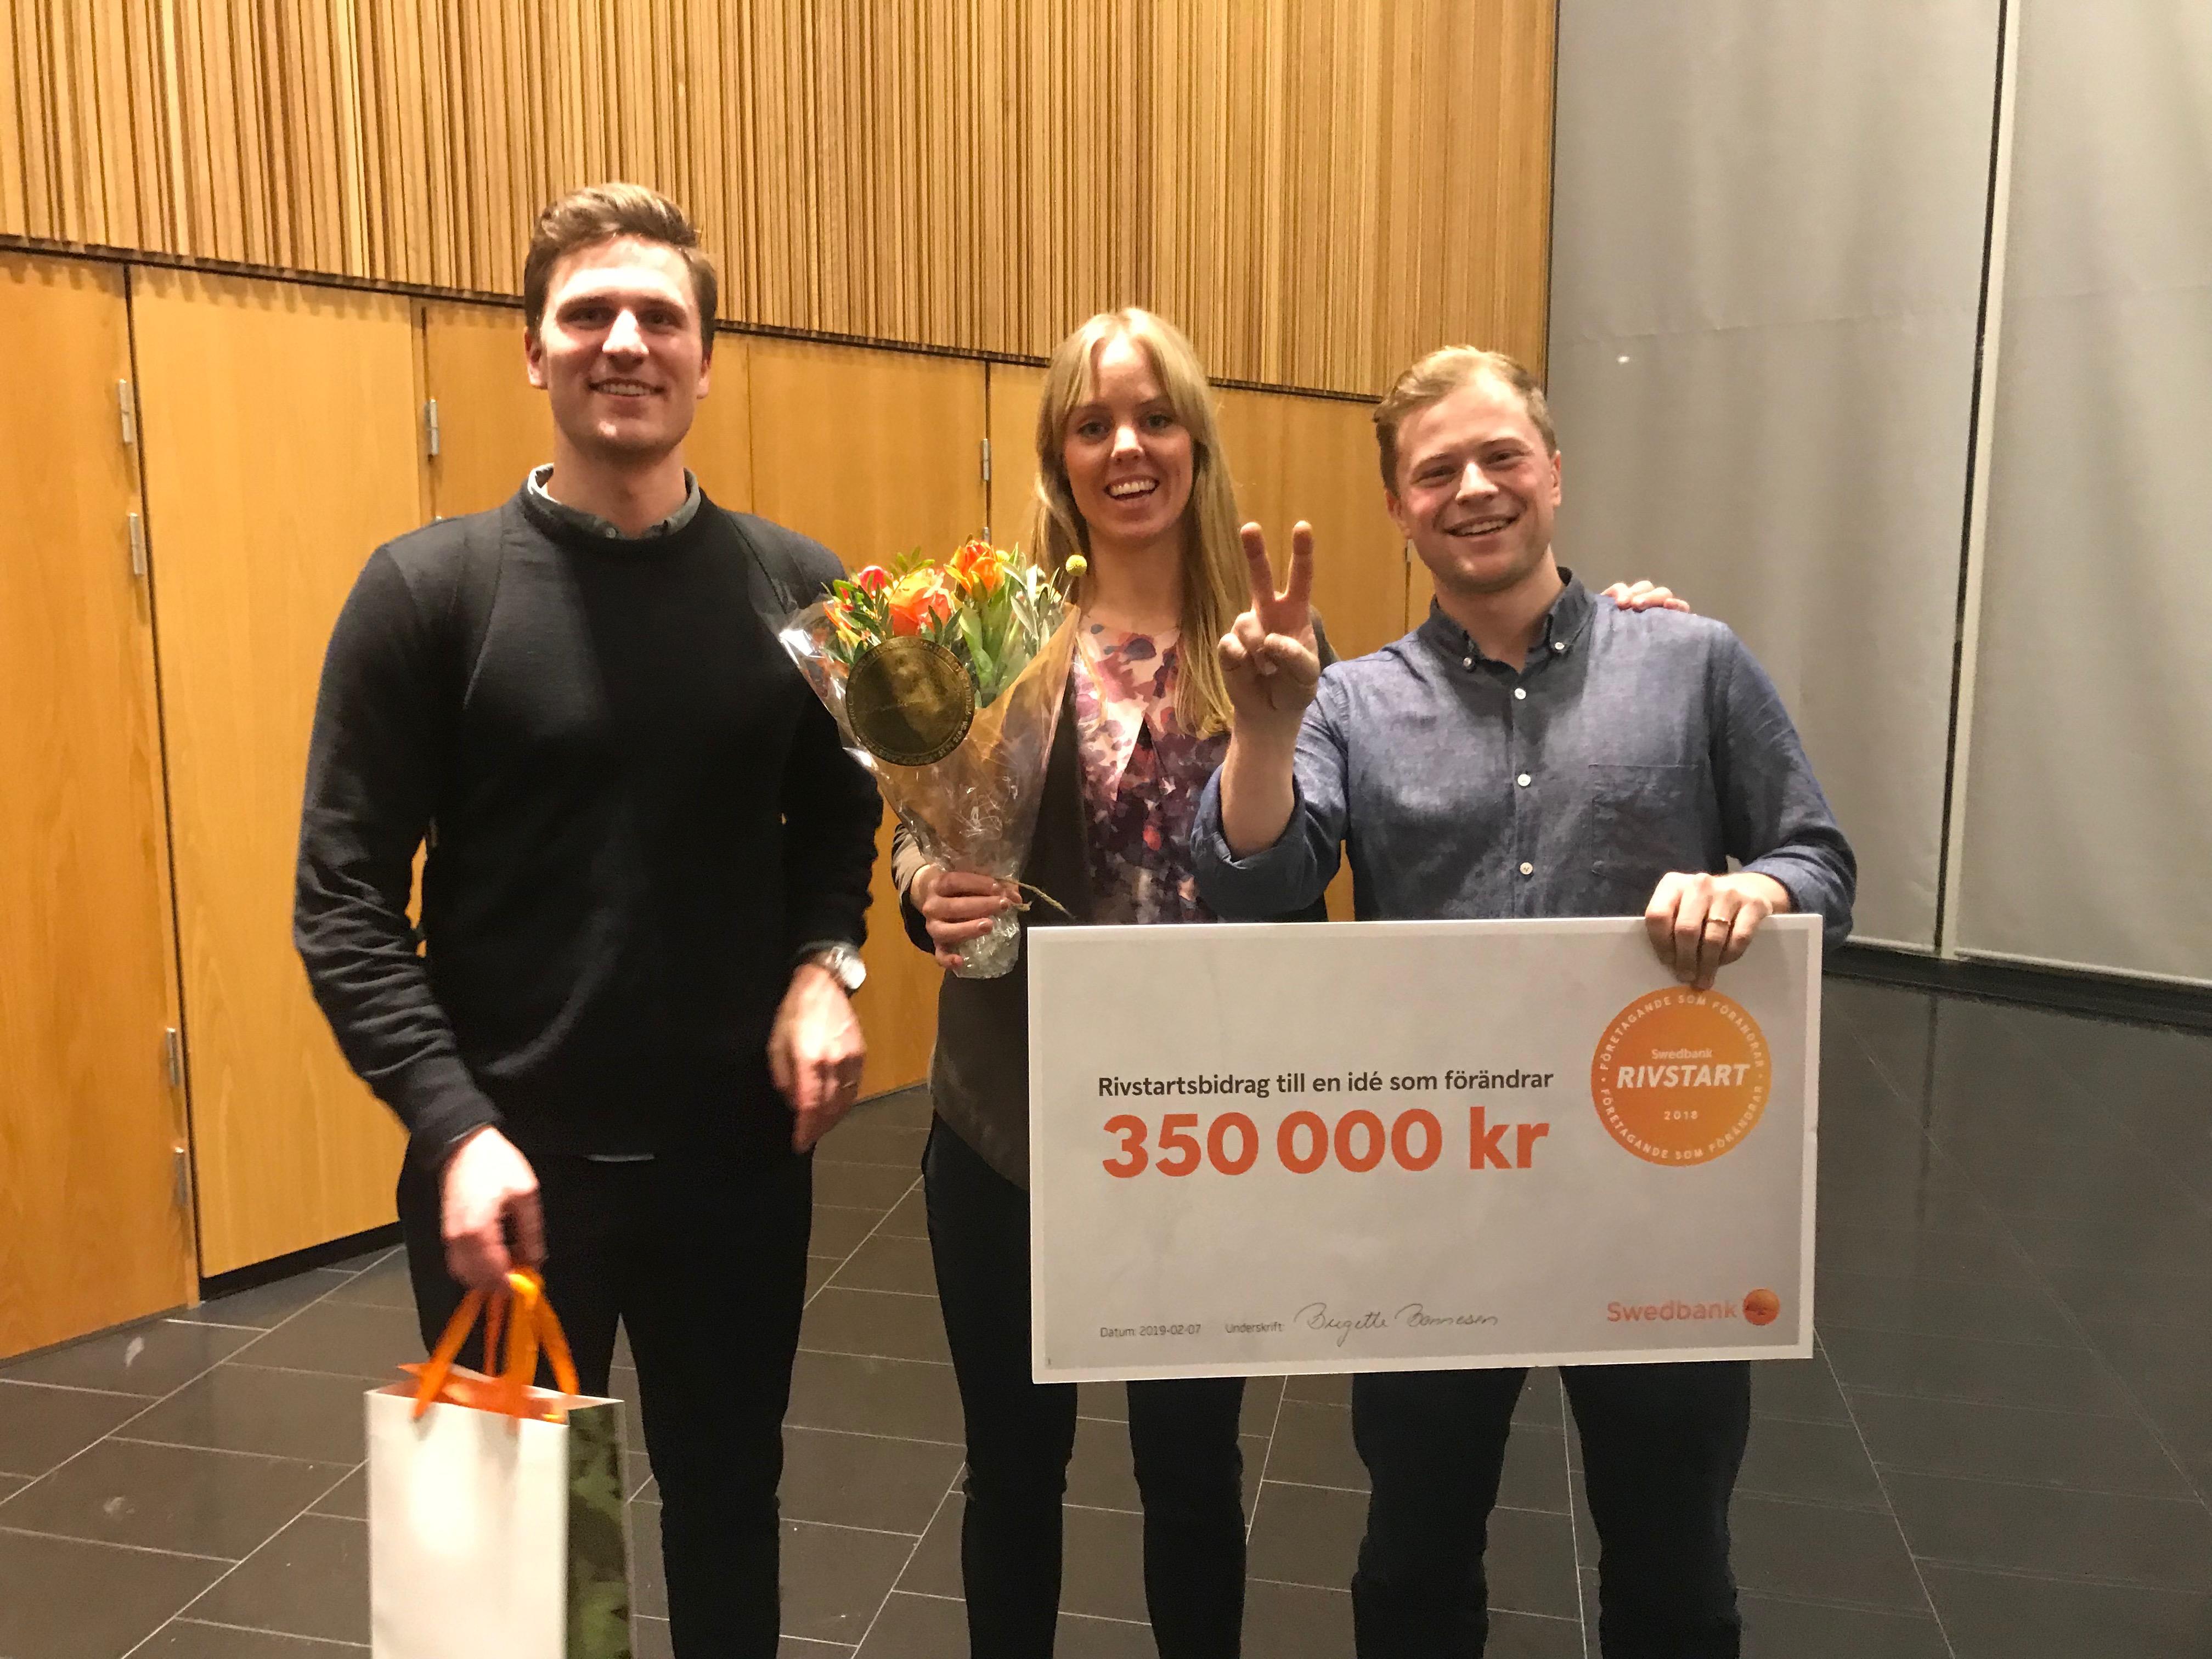 Skira tog hem andra platsen i Swedbank Rivstart 2019